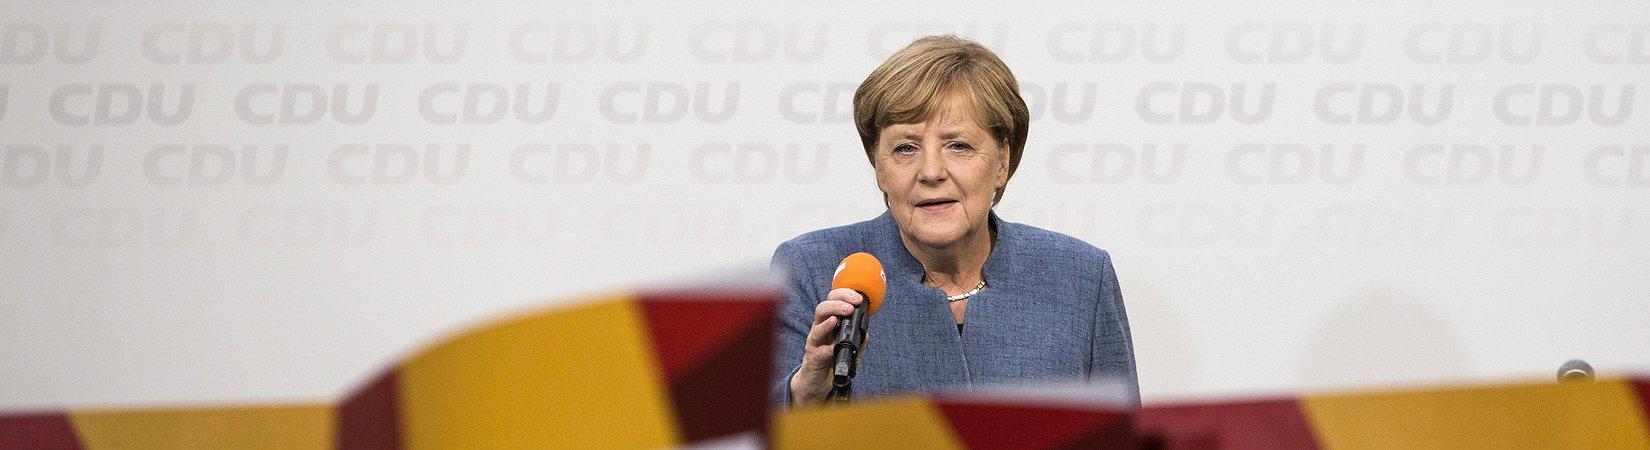 Angela Merkel venceu as eleições na Alemanha